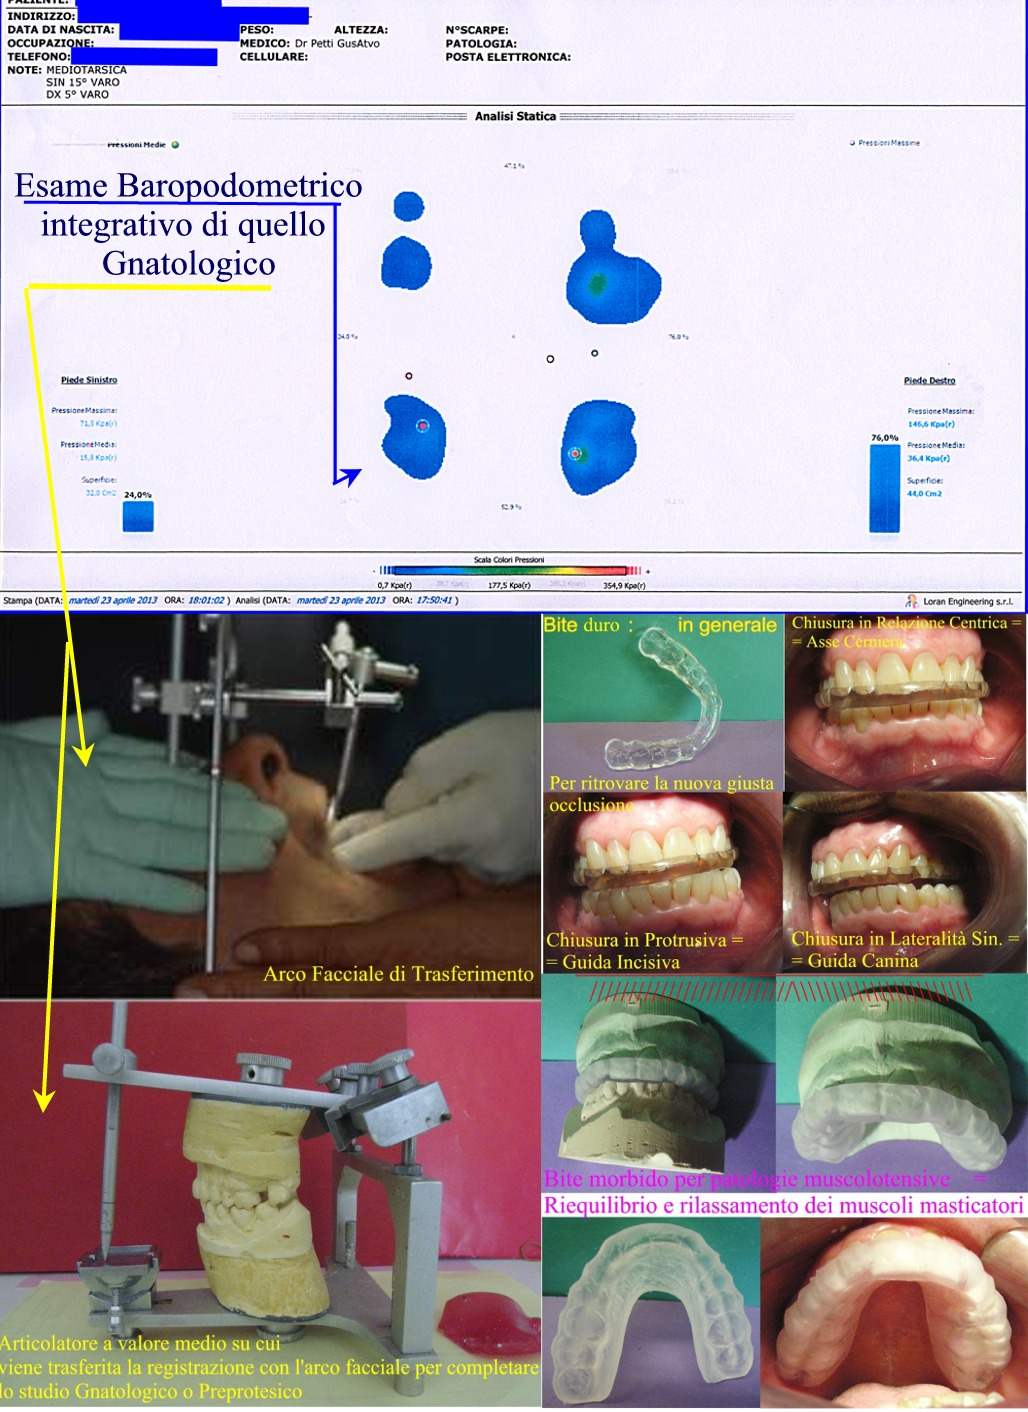 Arco Facciale ed articolatore a valore Medio e Esame statimetrico e Bite per Diagnosi Gnatologica. Da Dr. Gustavo Petti Parodontologo Gnatologo di Cagliari